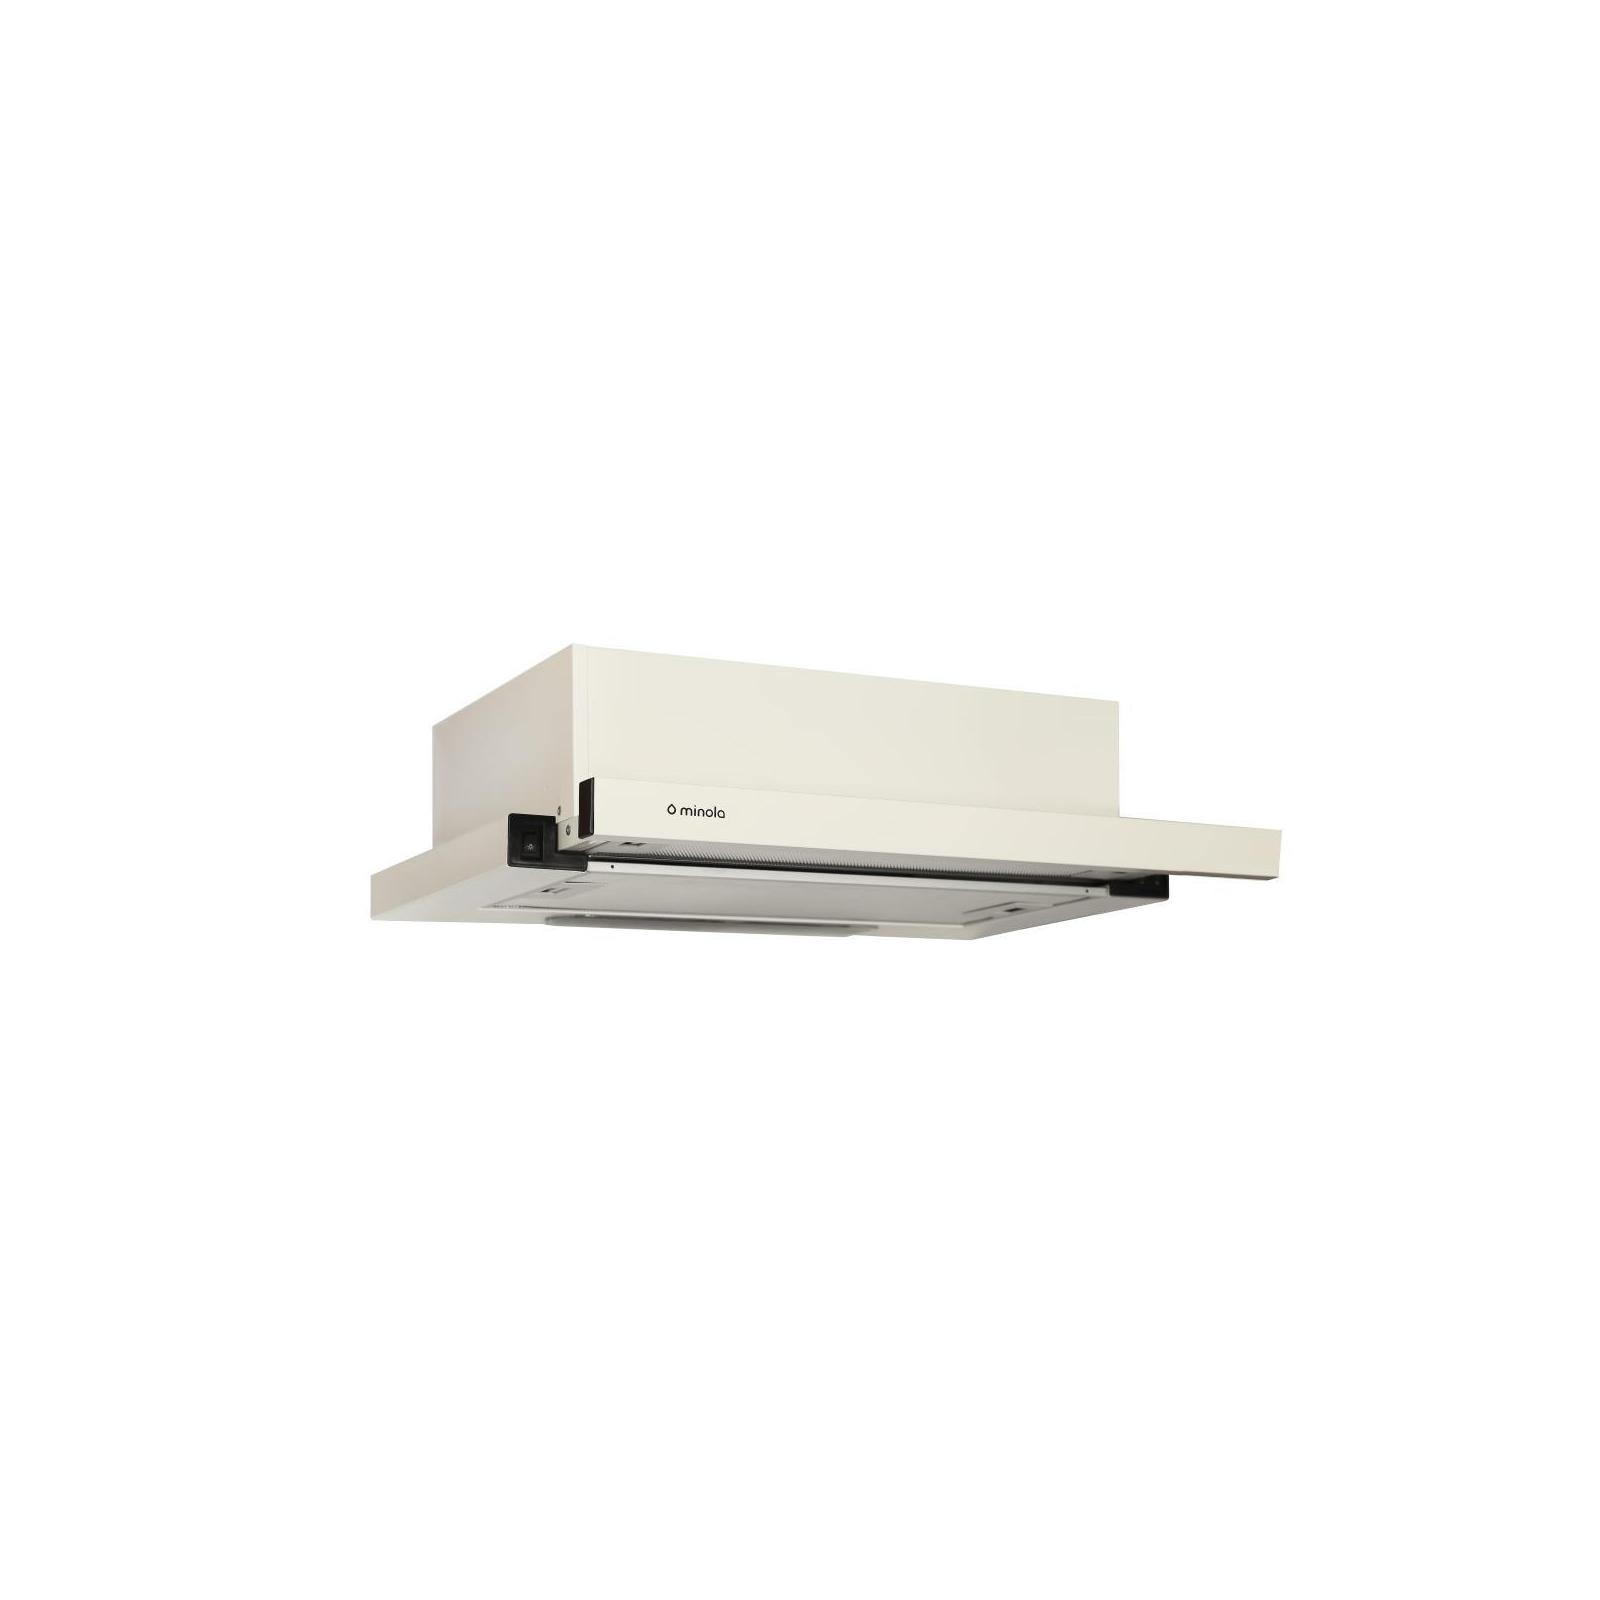 Вытяжка кухонная MINOLA HTL 6110 IV 630